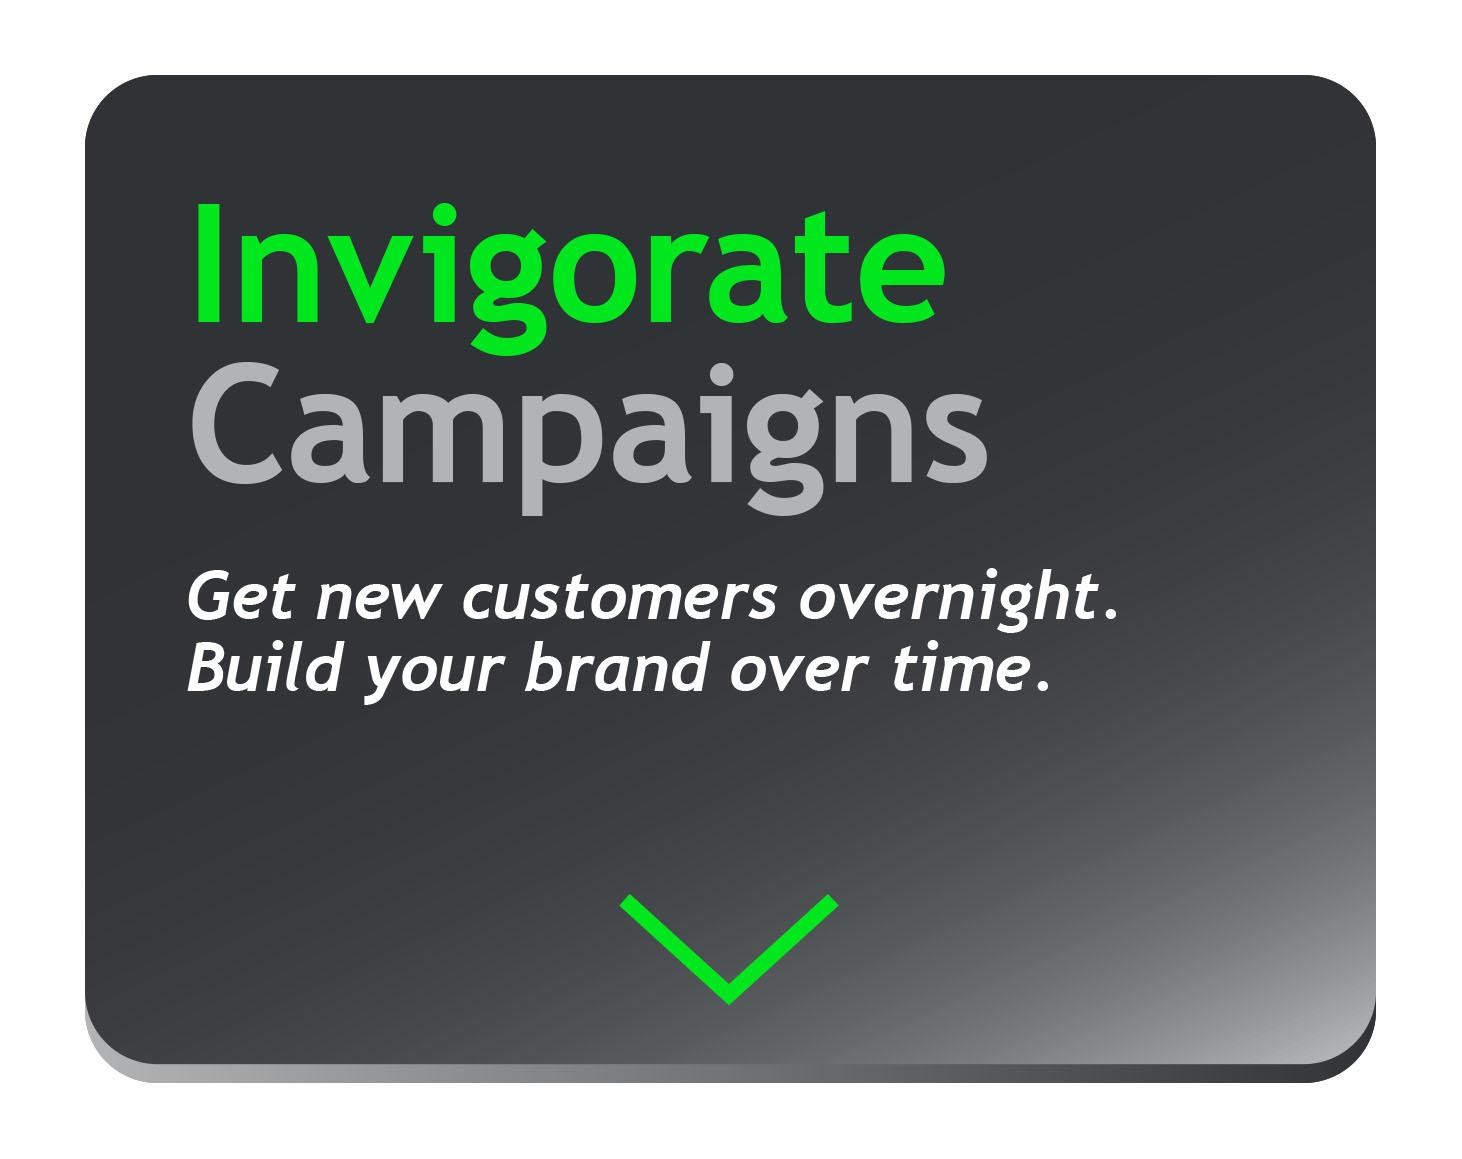 invigorate-campaigns2.jpg